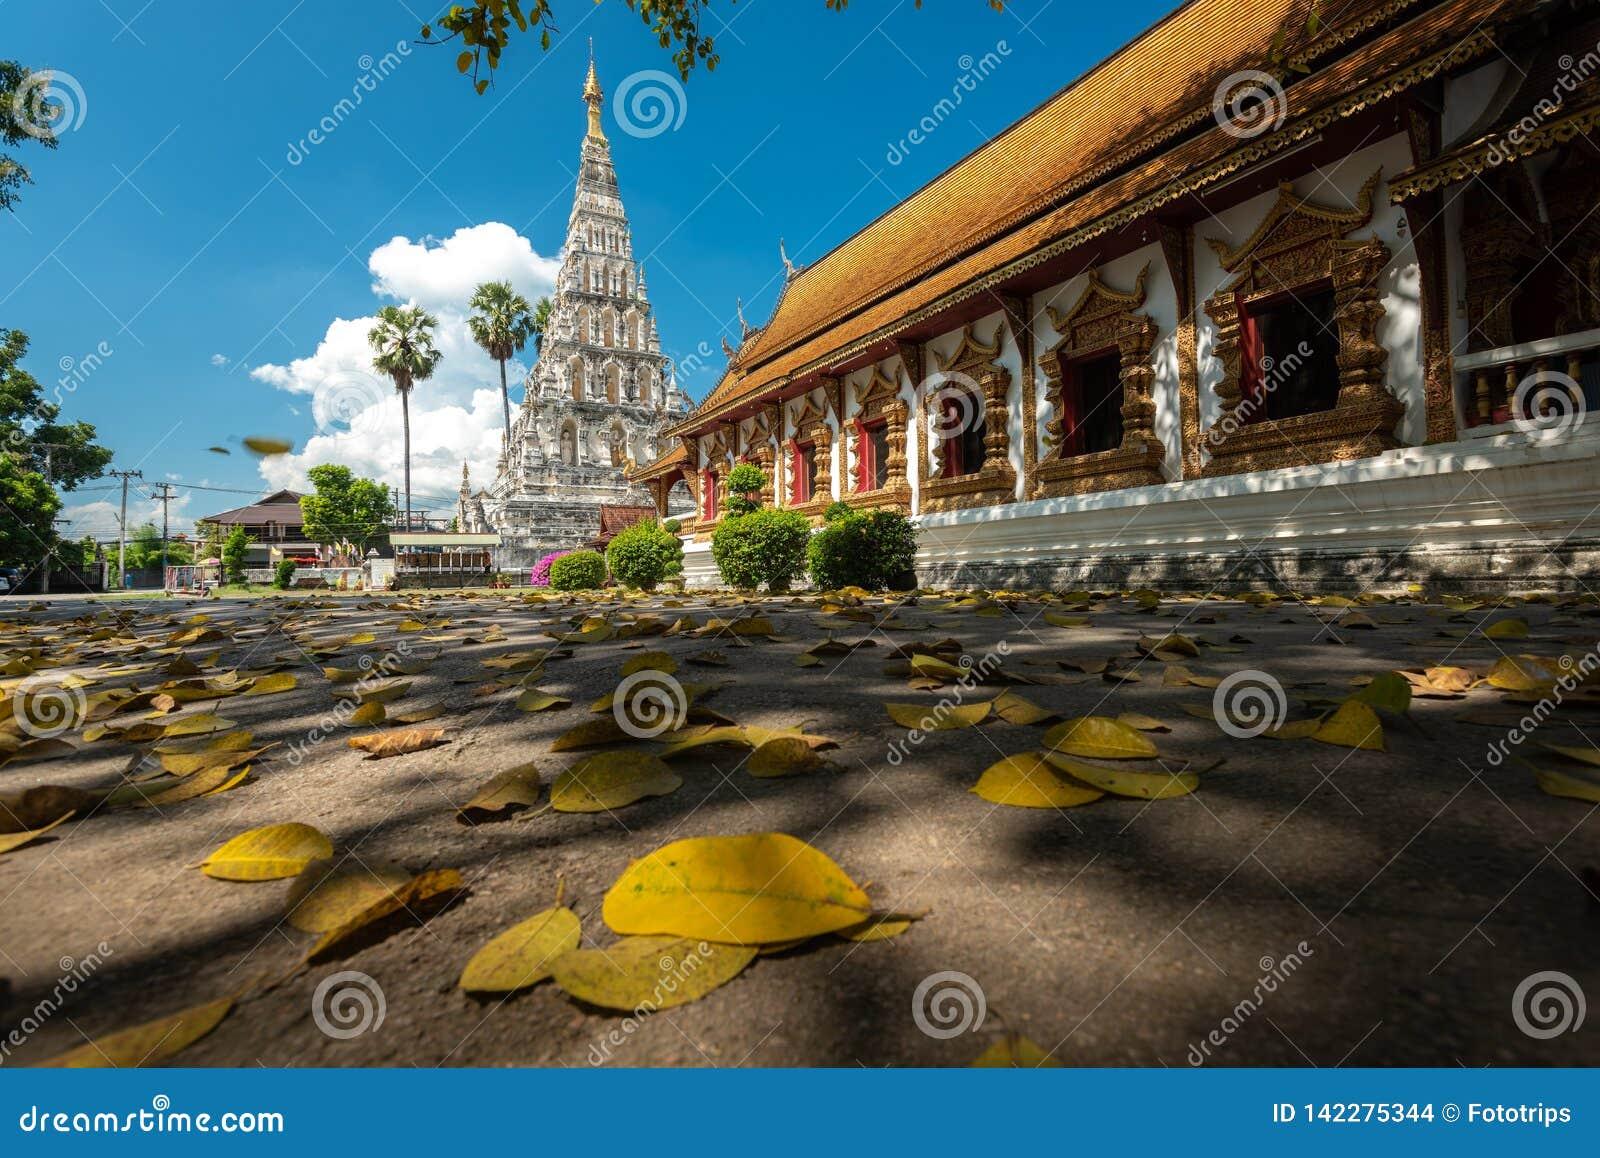 Wat Chedi Liam Wat Ku Kham ή ναός της τακτοποιημένης παγόδας στην αρχαία πόλη Wiang Kum Kam, Chiang Mai, Ταϊλάνδη